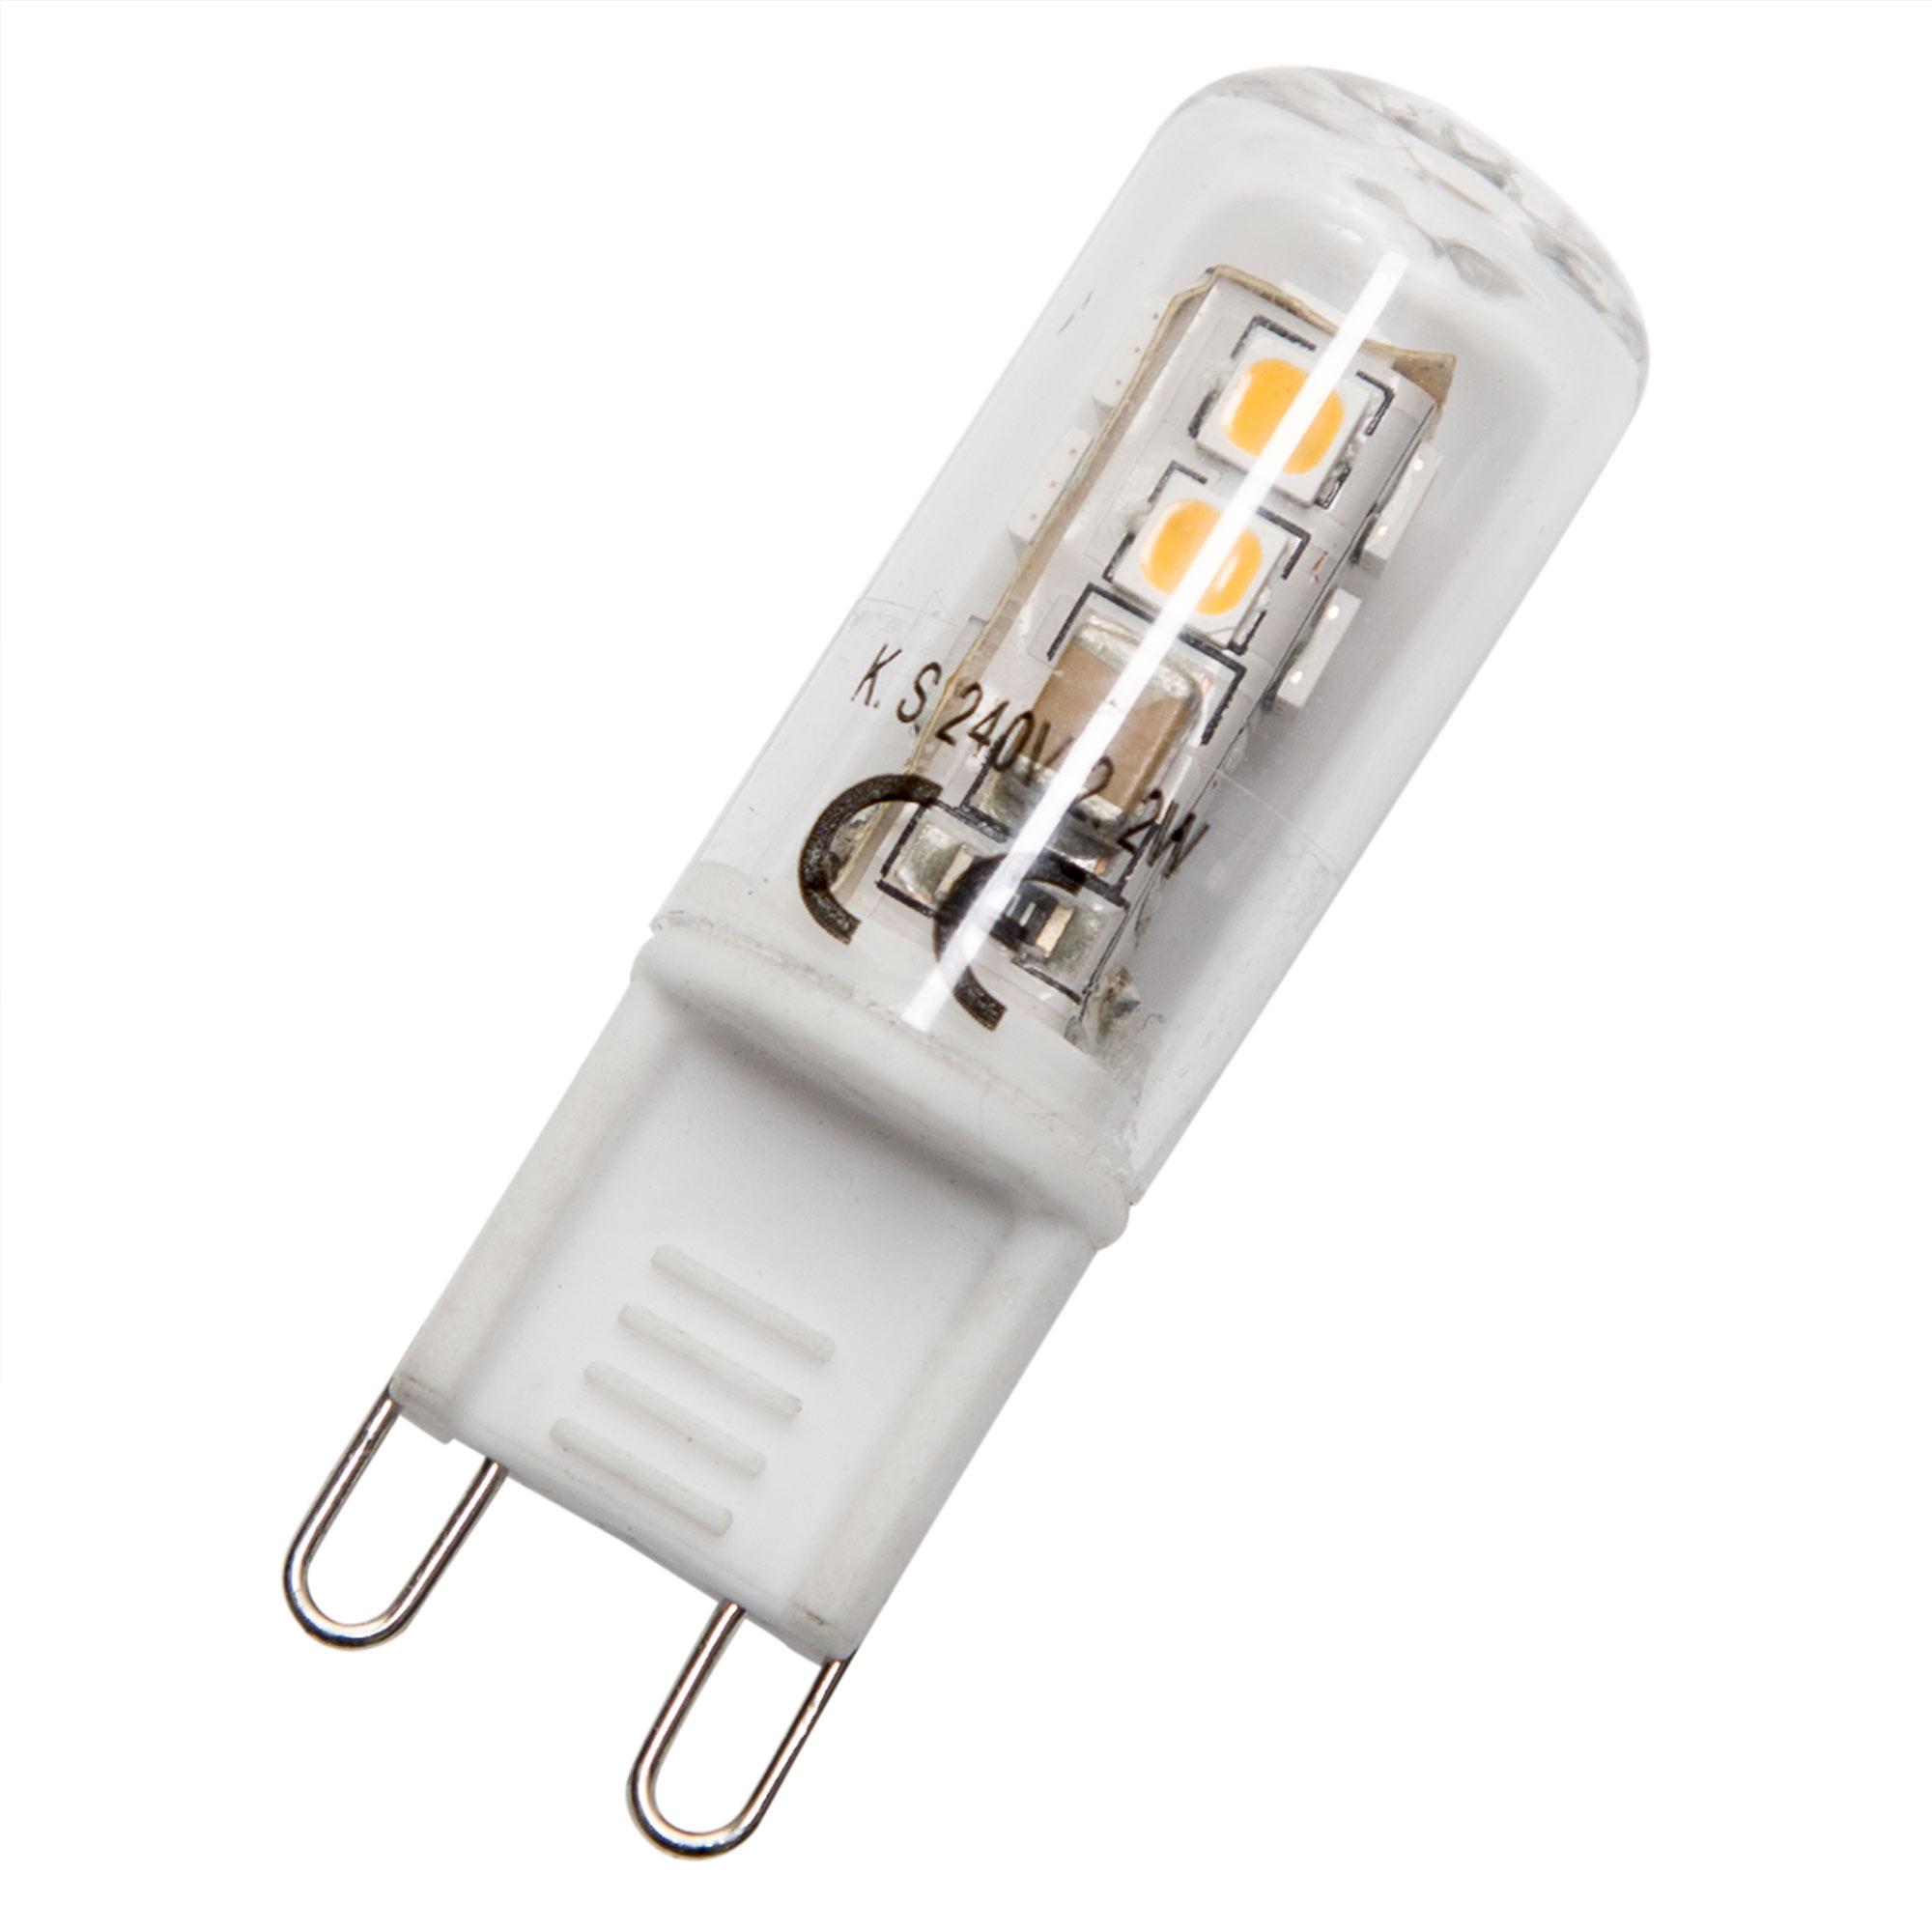 G9 LED 3.5W